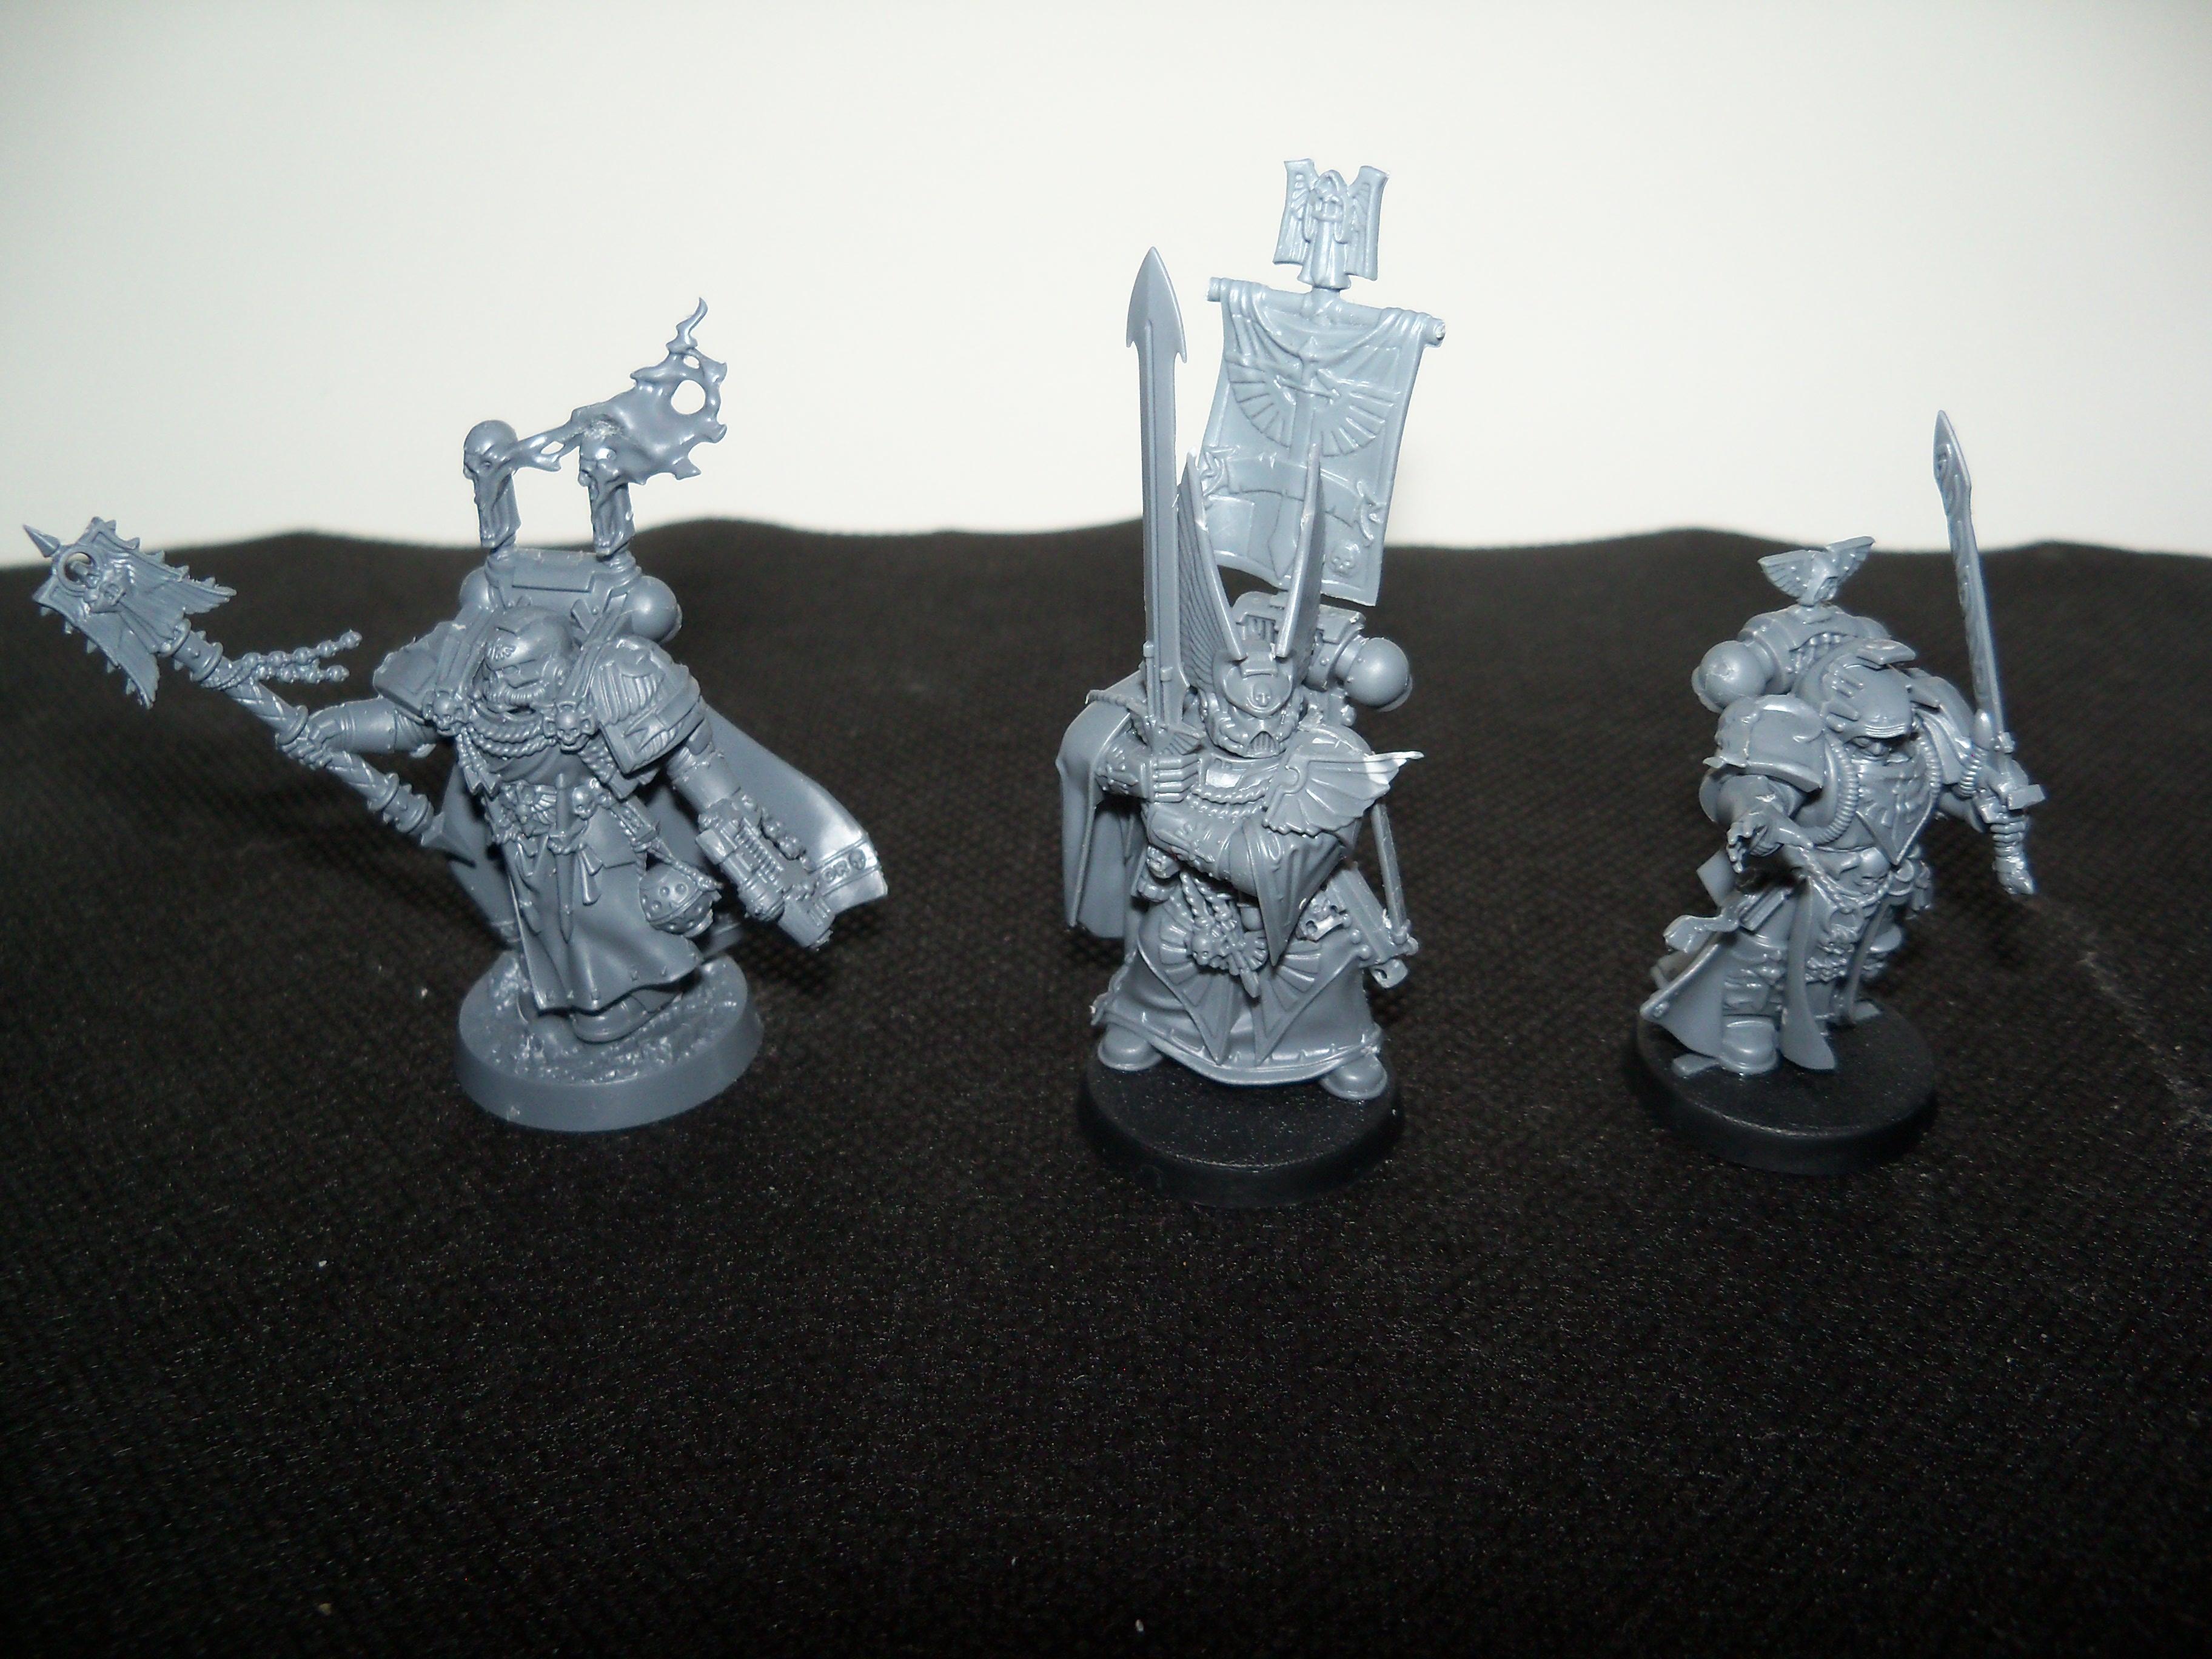 Dark Angels, Space Marines, Warhammer 40'000, Warhammer 40,000